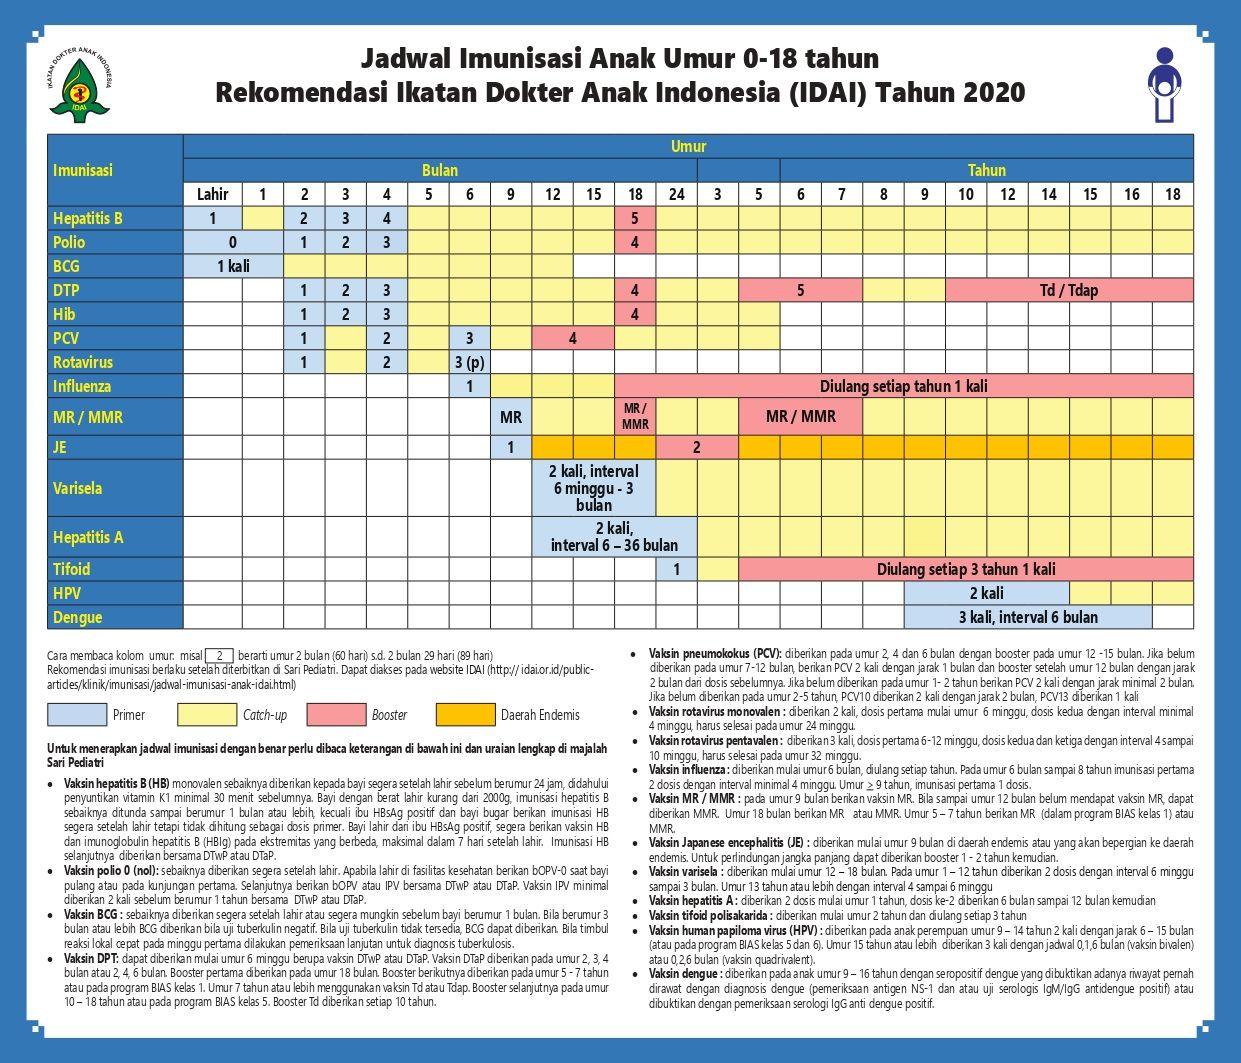 Jadwal Imunisasi IDAI 2020